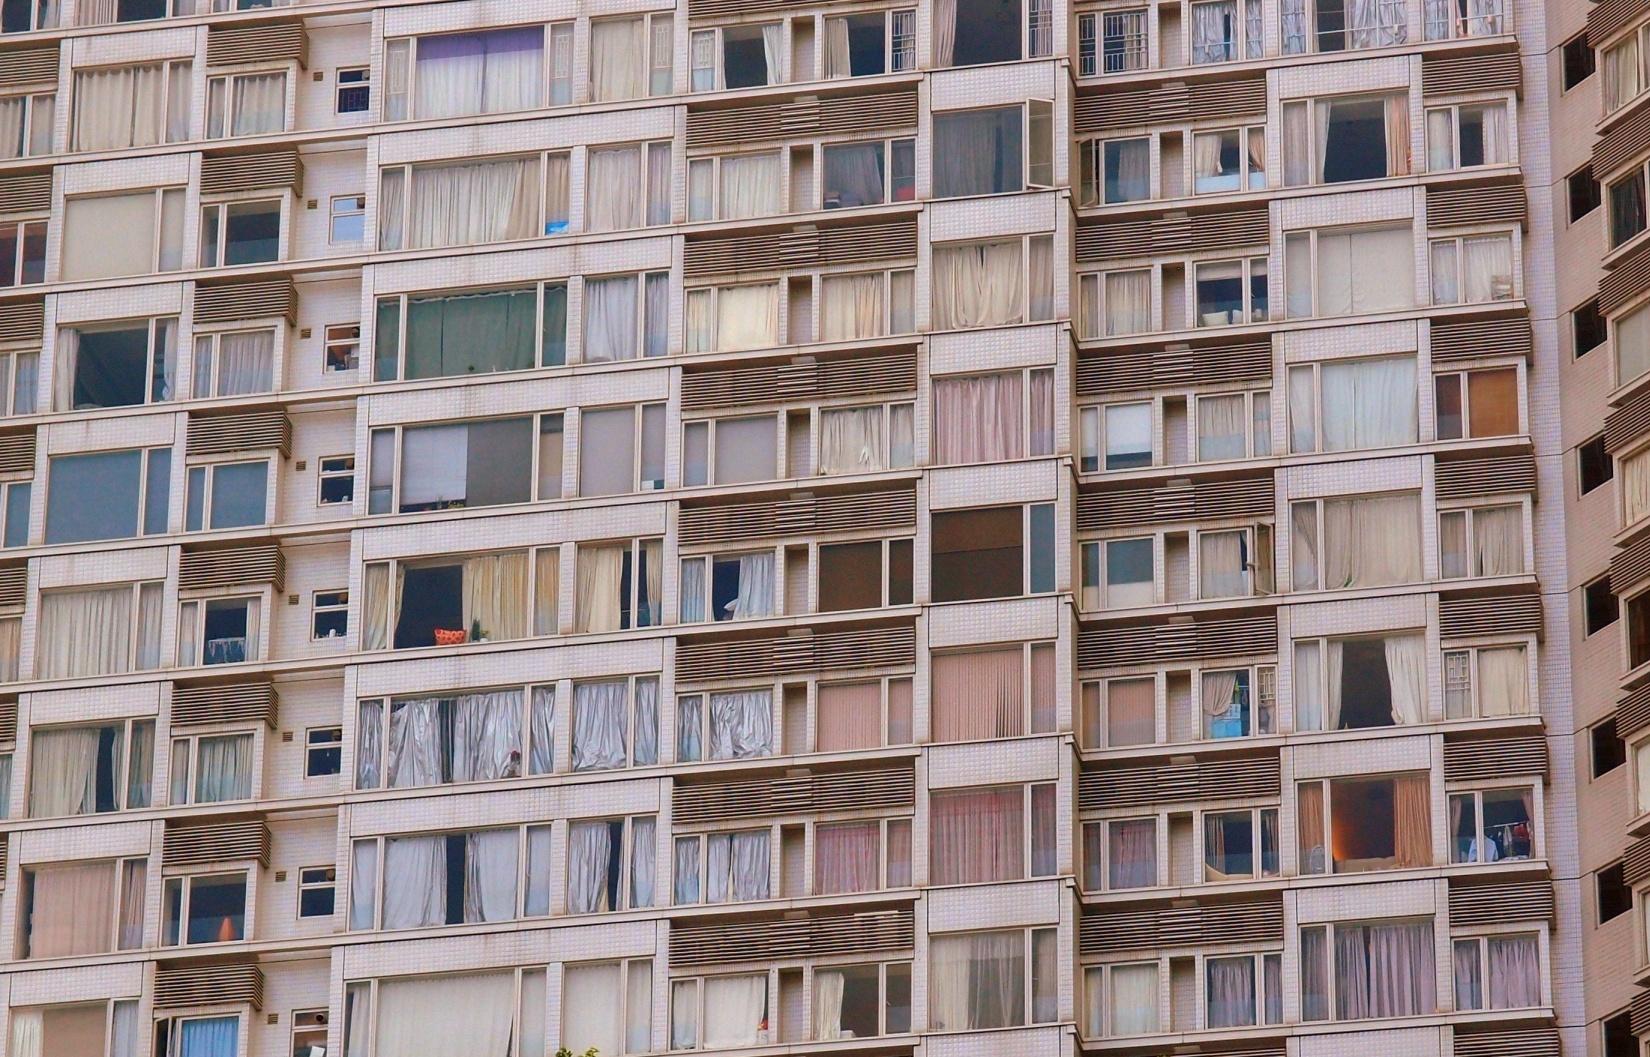 A Hung Hom apartment block